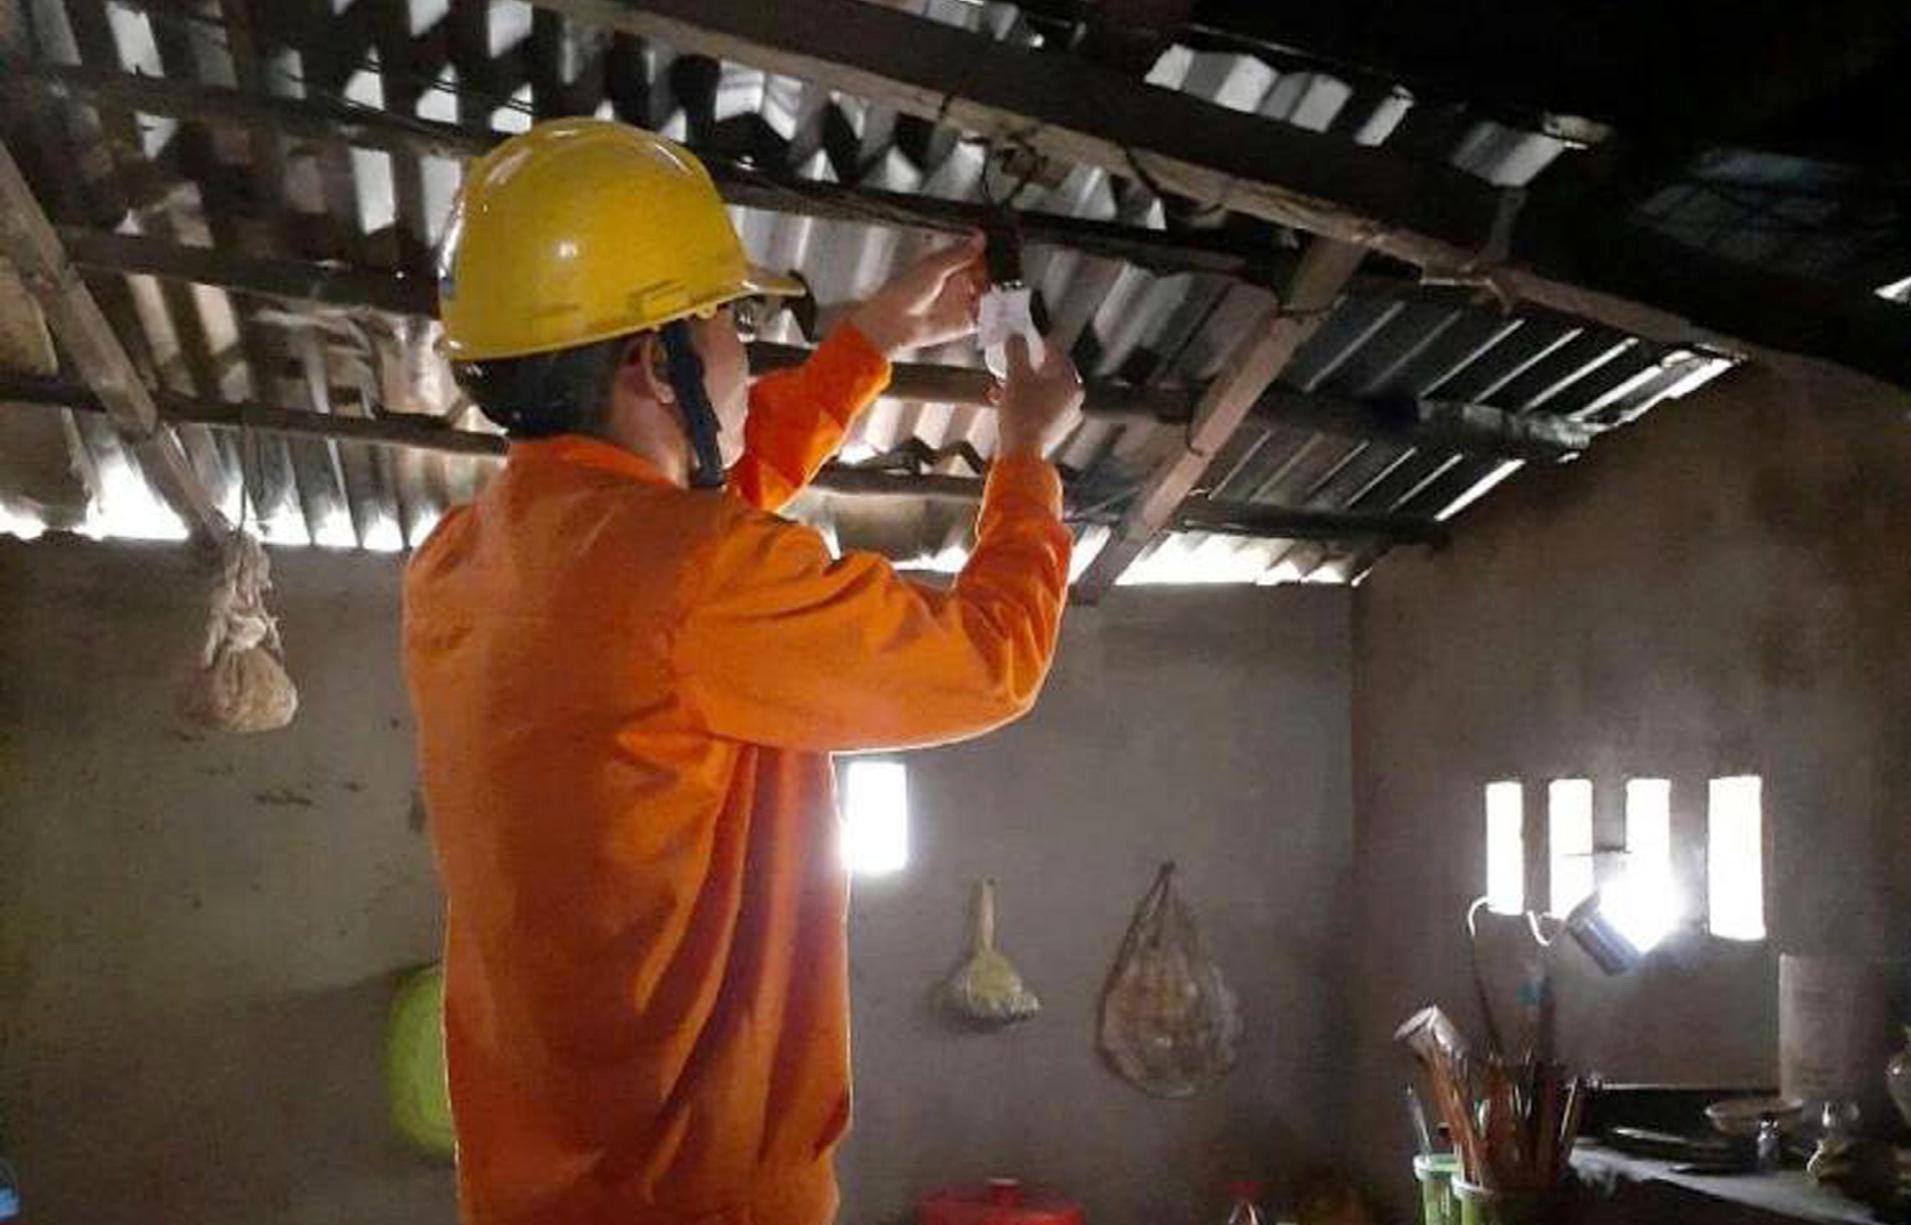 Nhân viên điện lực hỗ trợ người dân thay bóng đèn chiếu sáng tiết kiệm điện năng. Ảnh: T.D